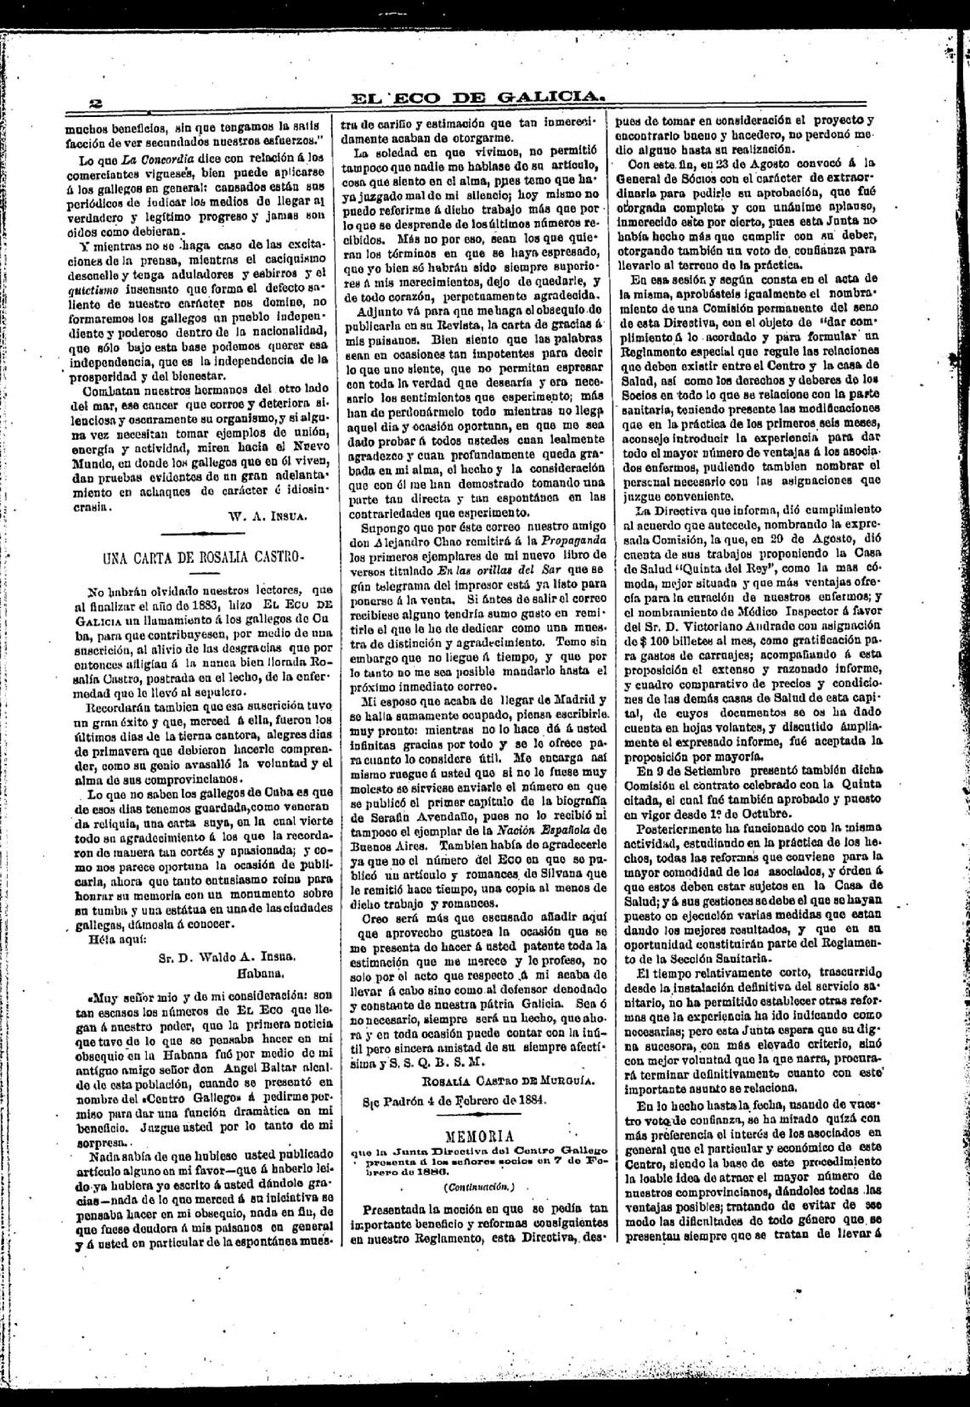 A Waldo A. Insua, 1884, en El Eco de Galicia.